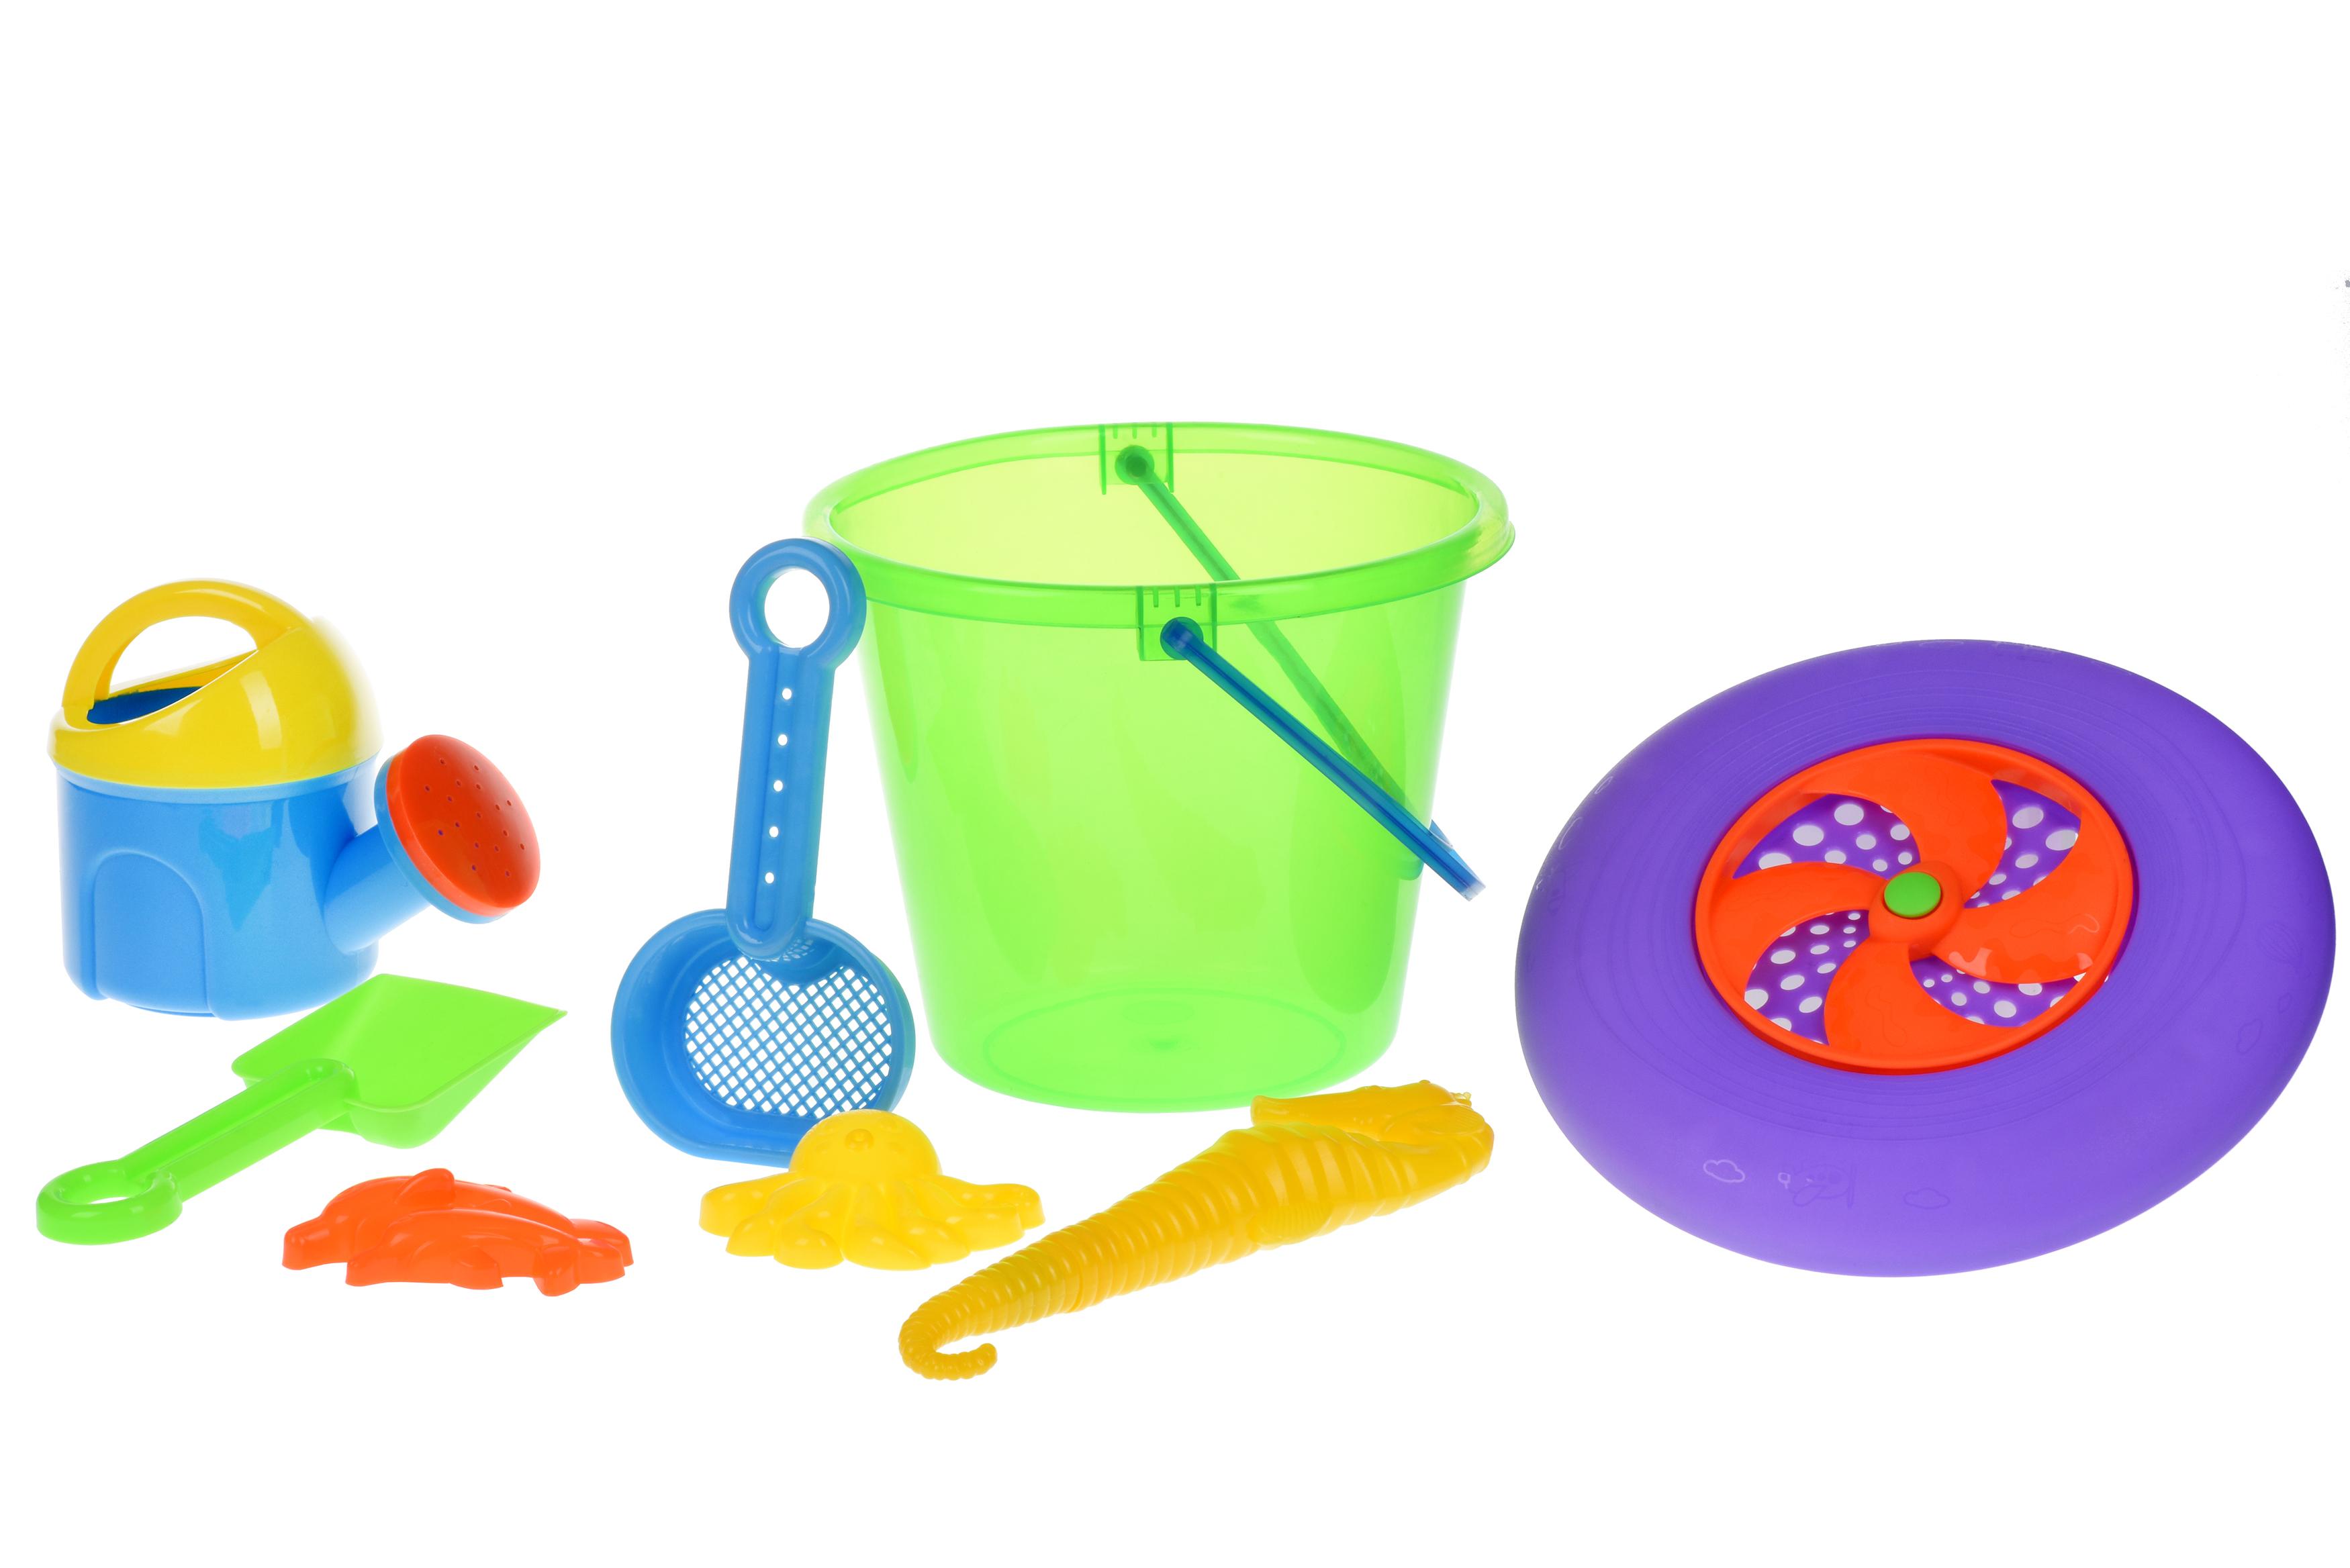 Same Toy Набір для гри з піском із Літаючою тарілкою (зелене відерце) (8 шт.)